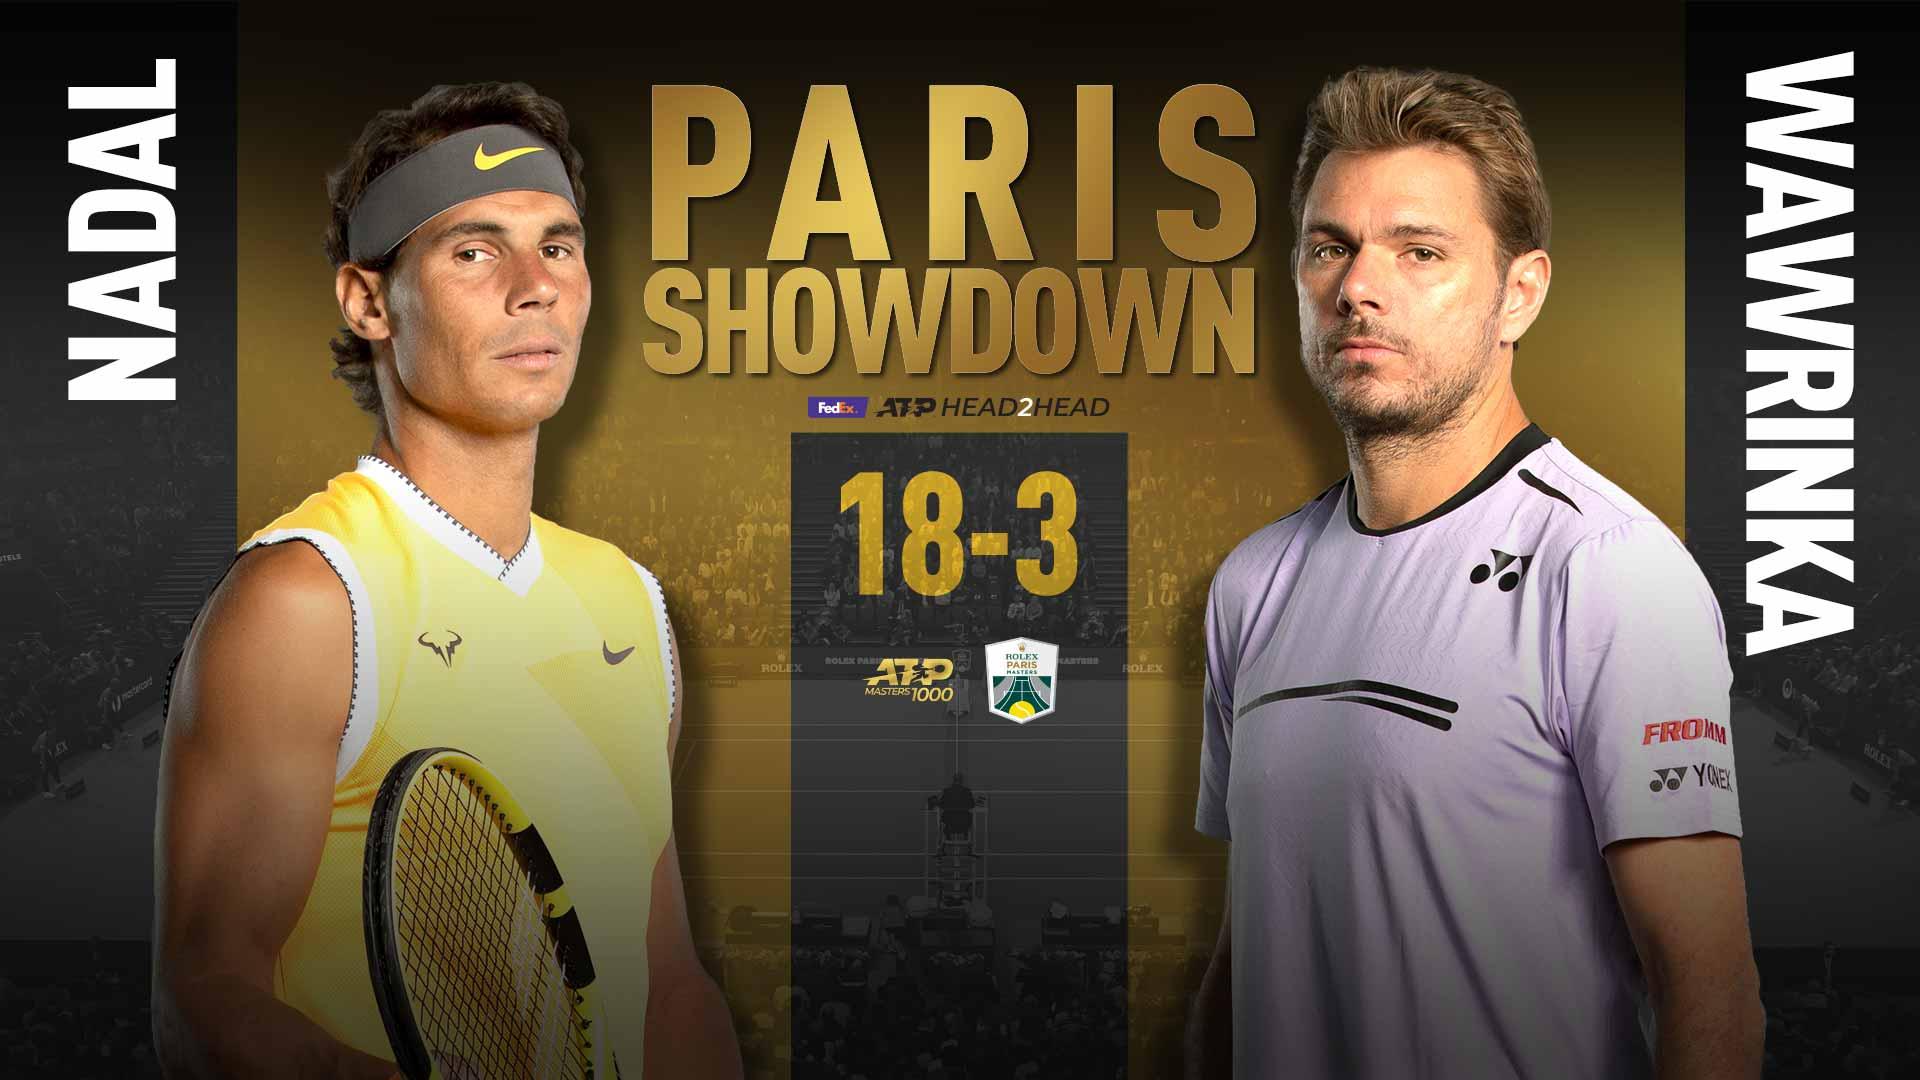 Париж. Надаль и Вавринка поспорят за место в четвертьфинале